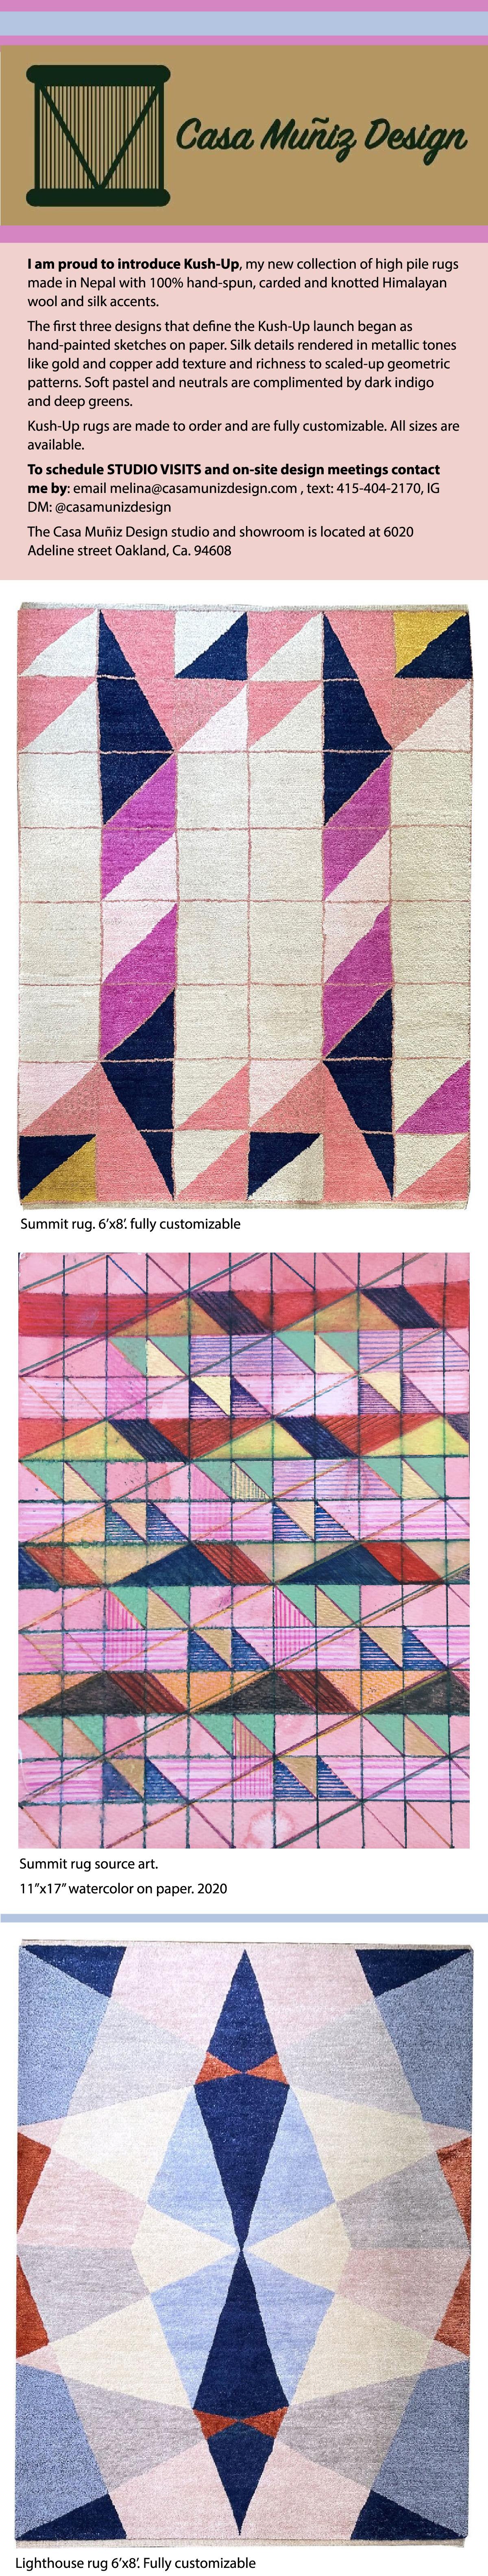 Casa Muniz Design Kush up rug images